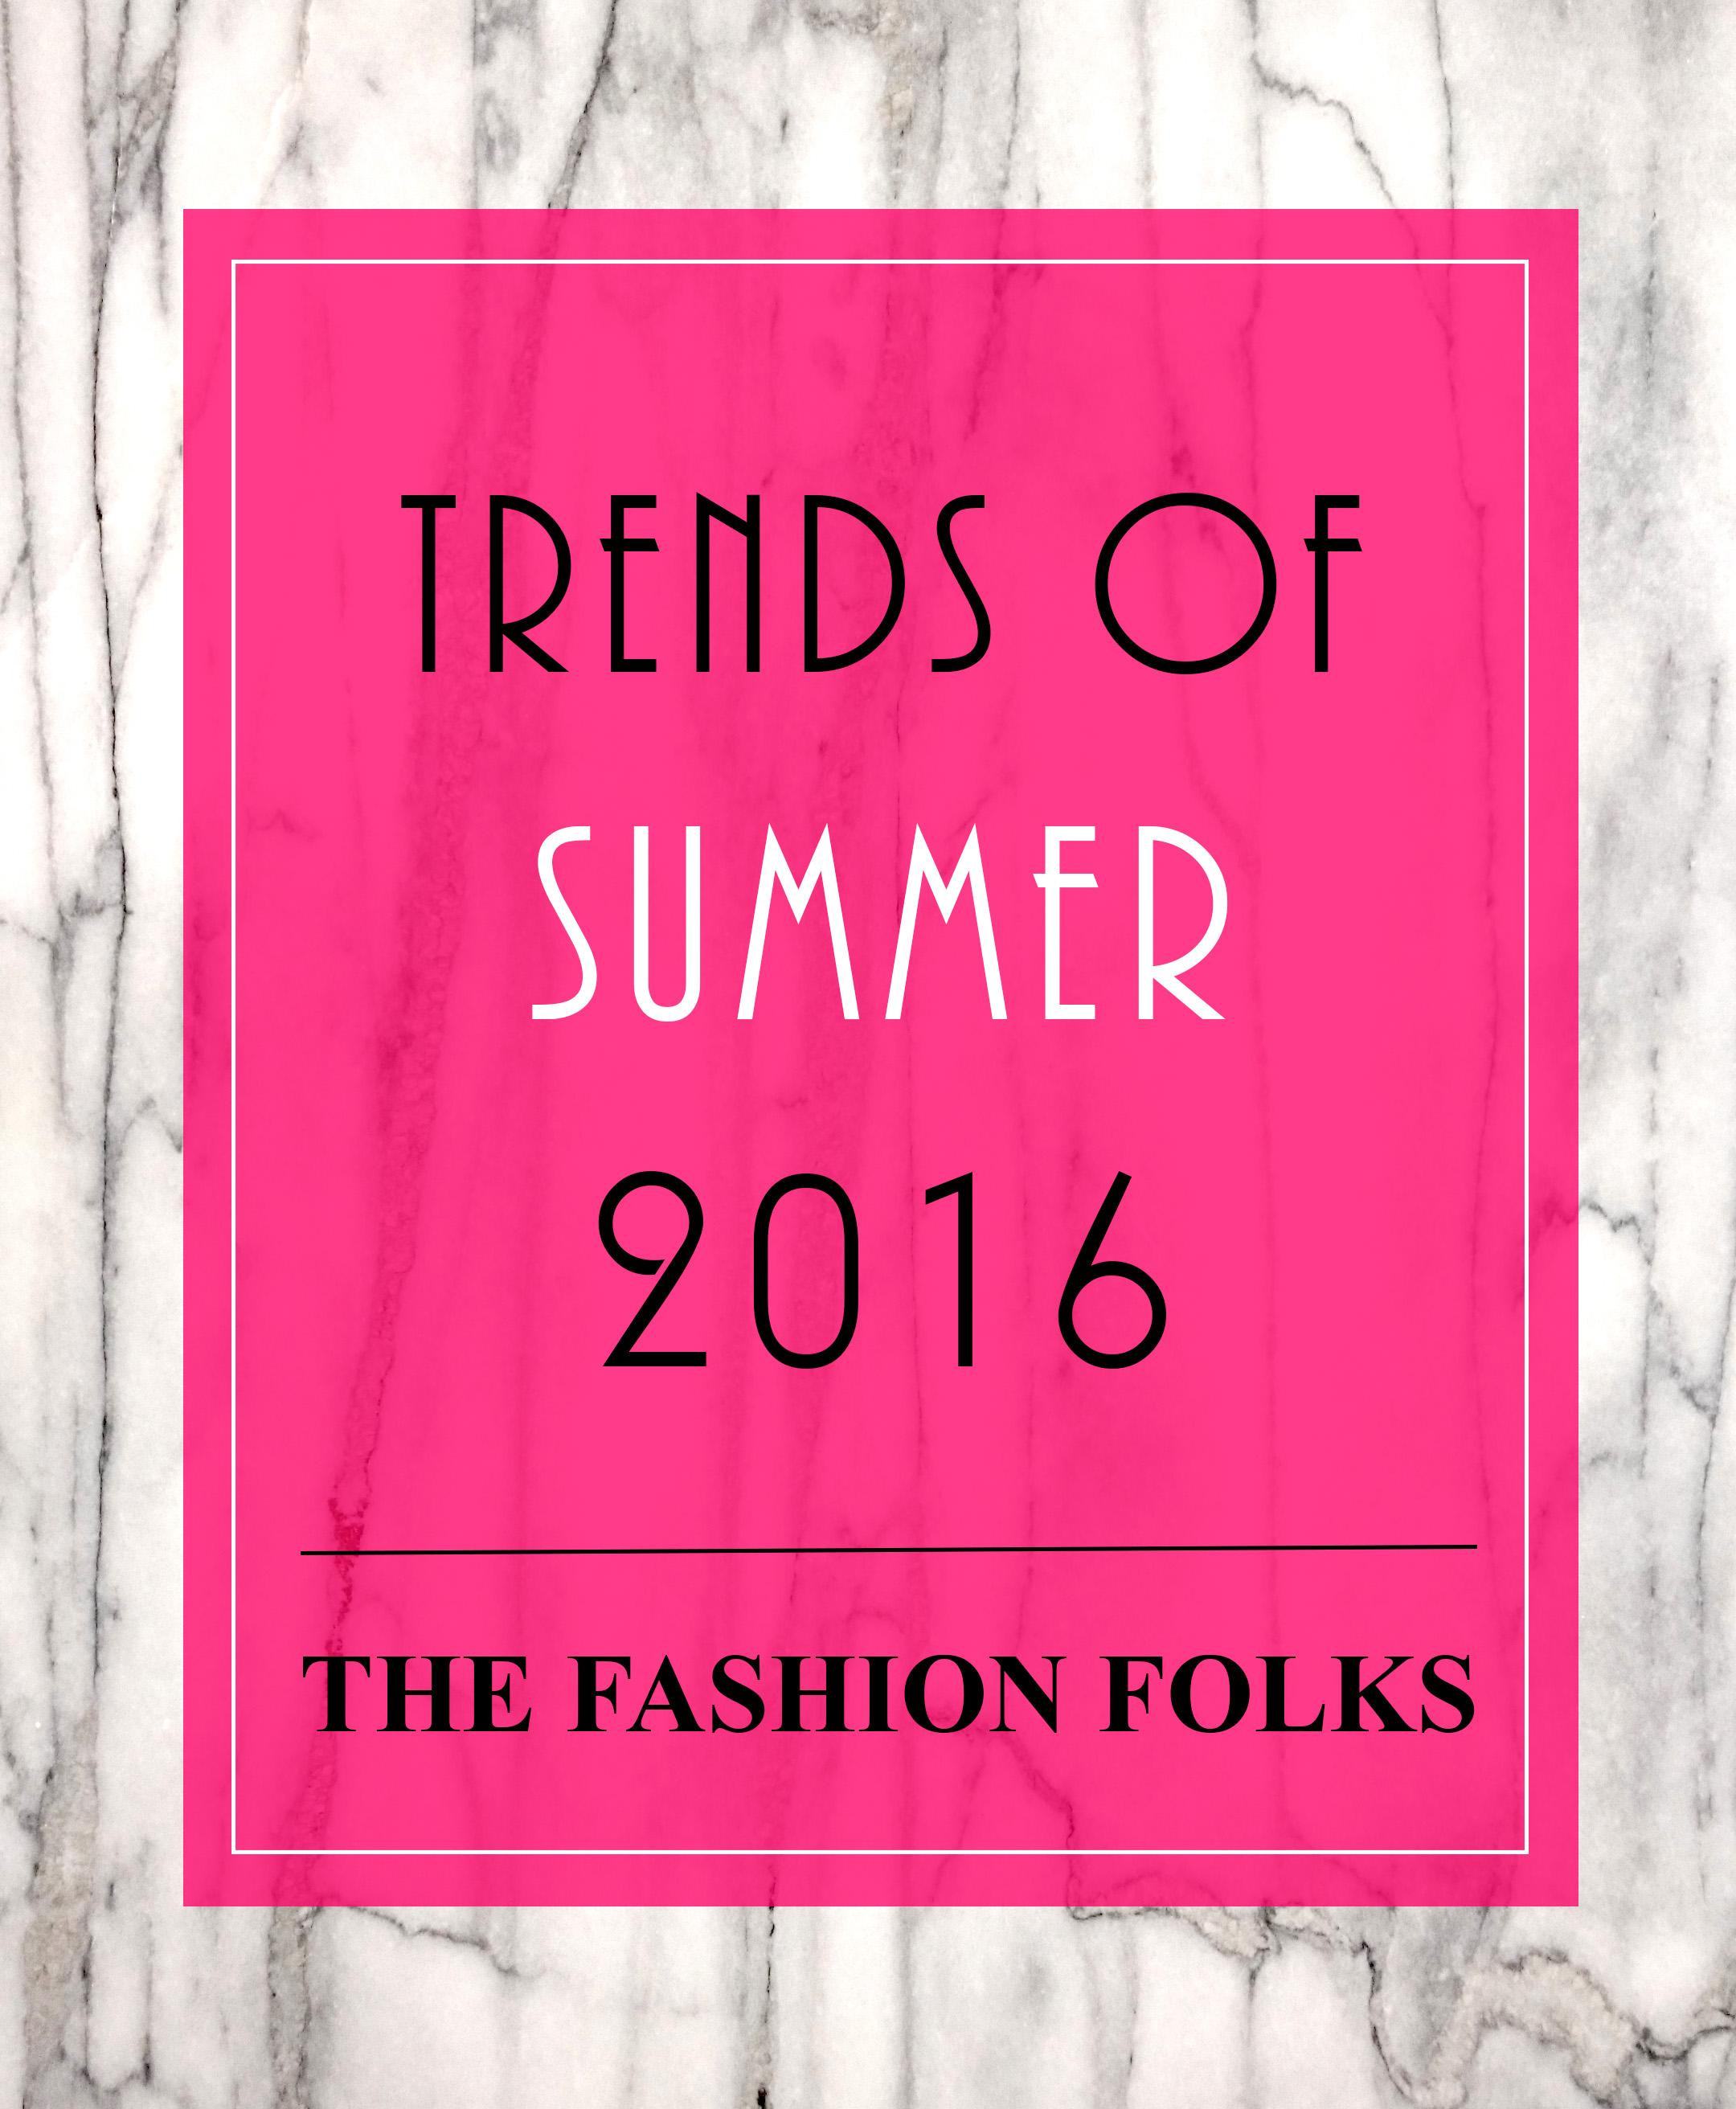 trends of summer 2016